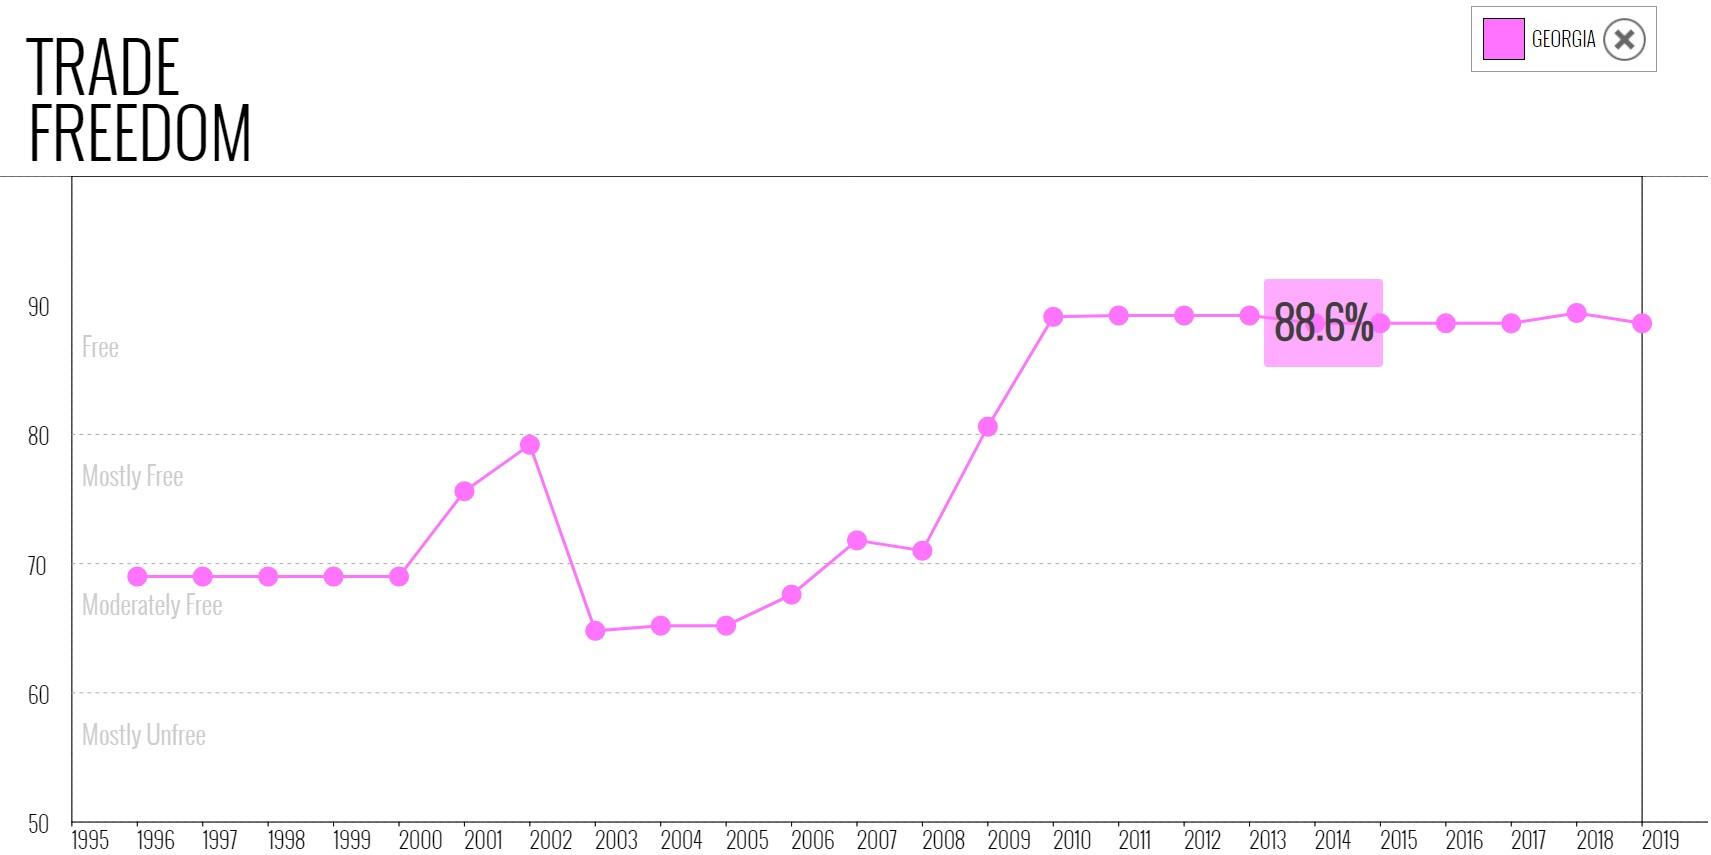 نمودار شاخص موضوع آزادی تجارت در گرجستان در میان سالهای 1995 تا 2019